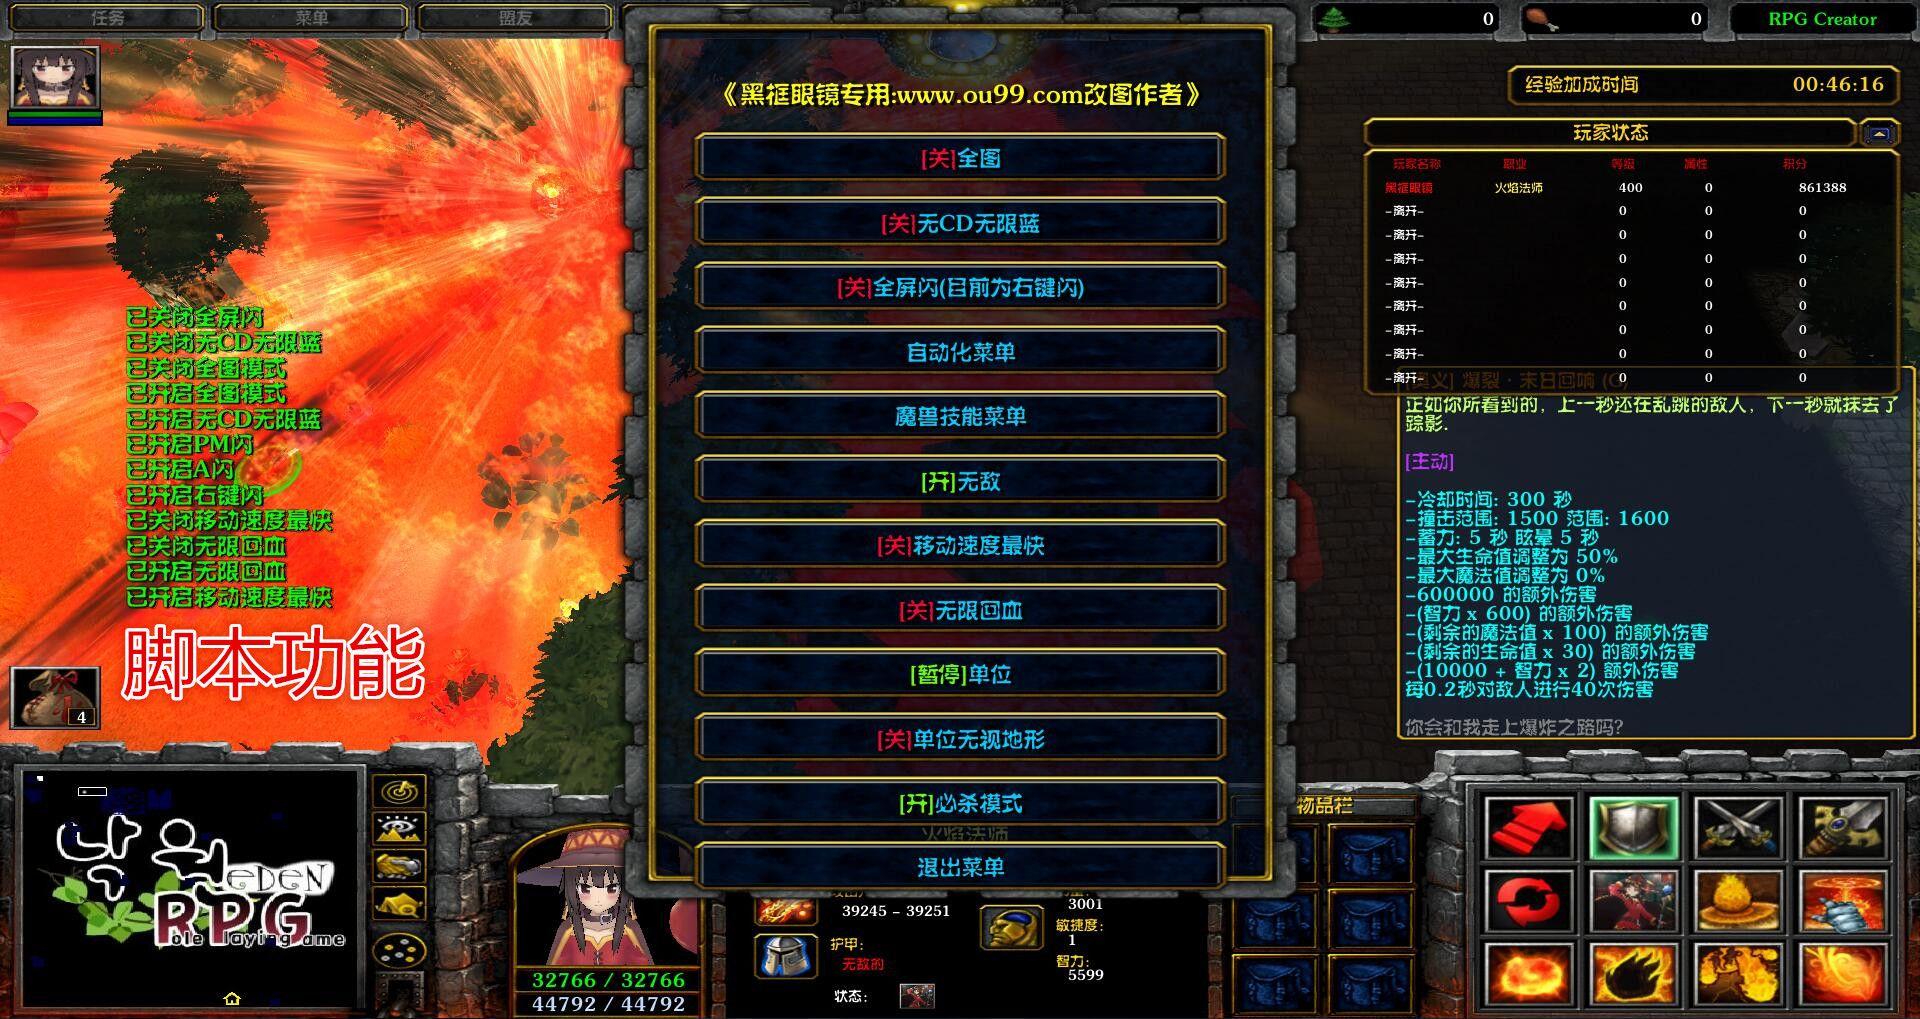 乐园RPG4.4.1中文版黑式破解